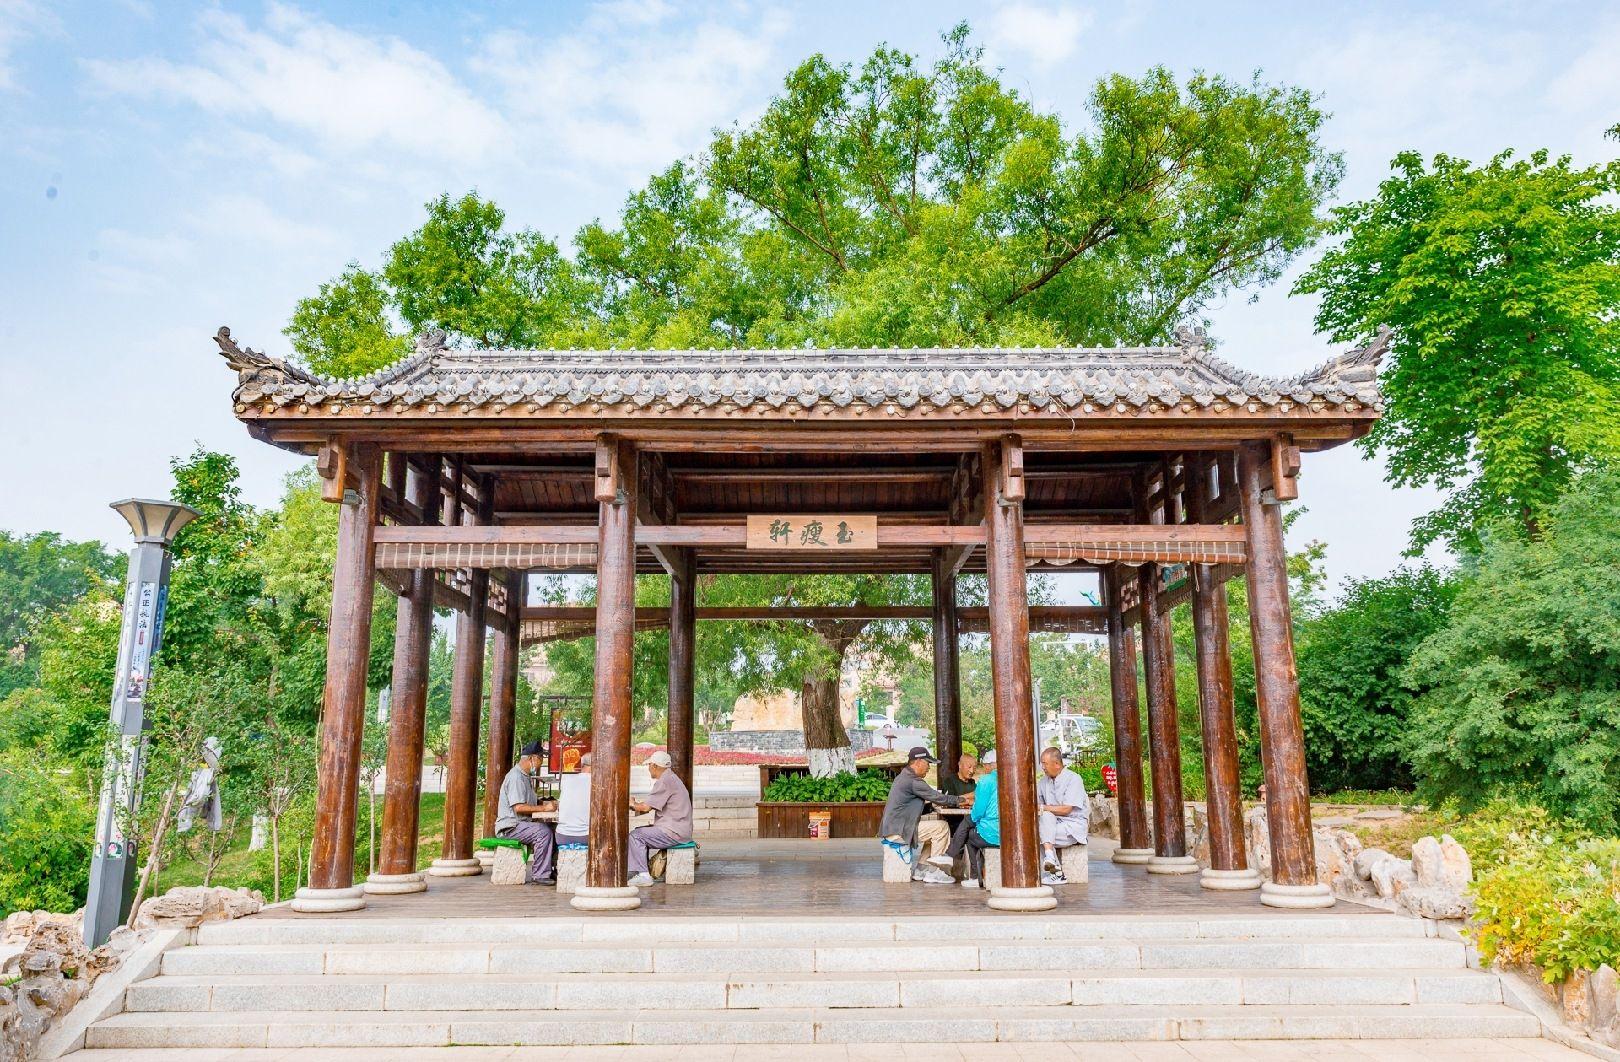 Meihekoushi Zhangbai Mountain Botanical Garden